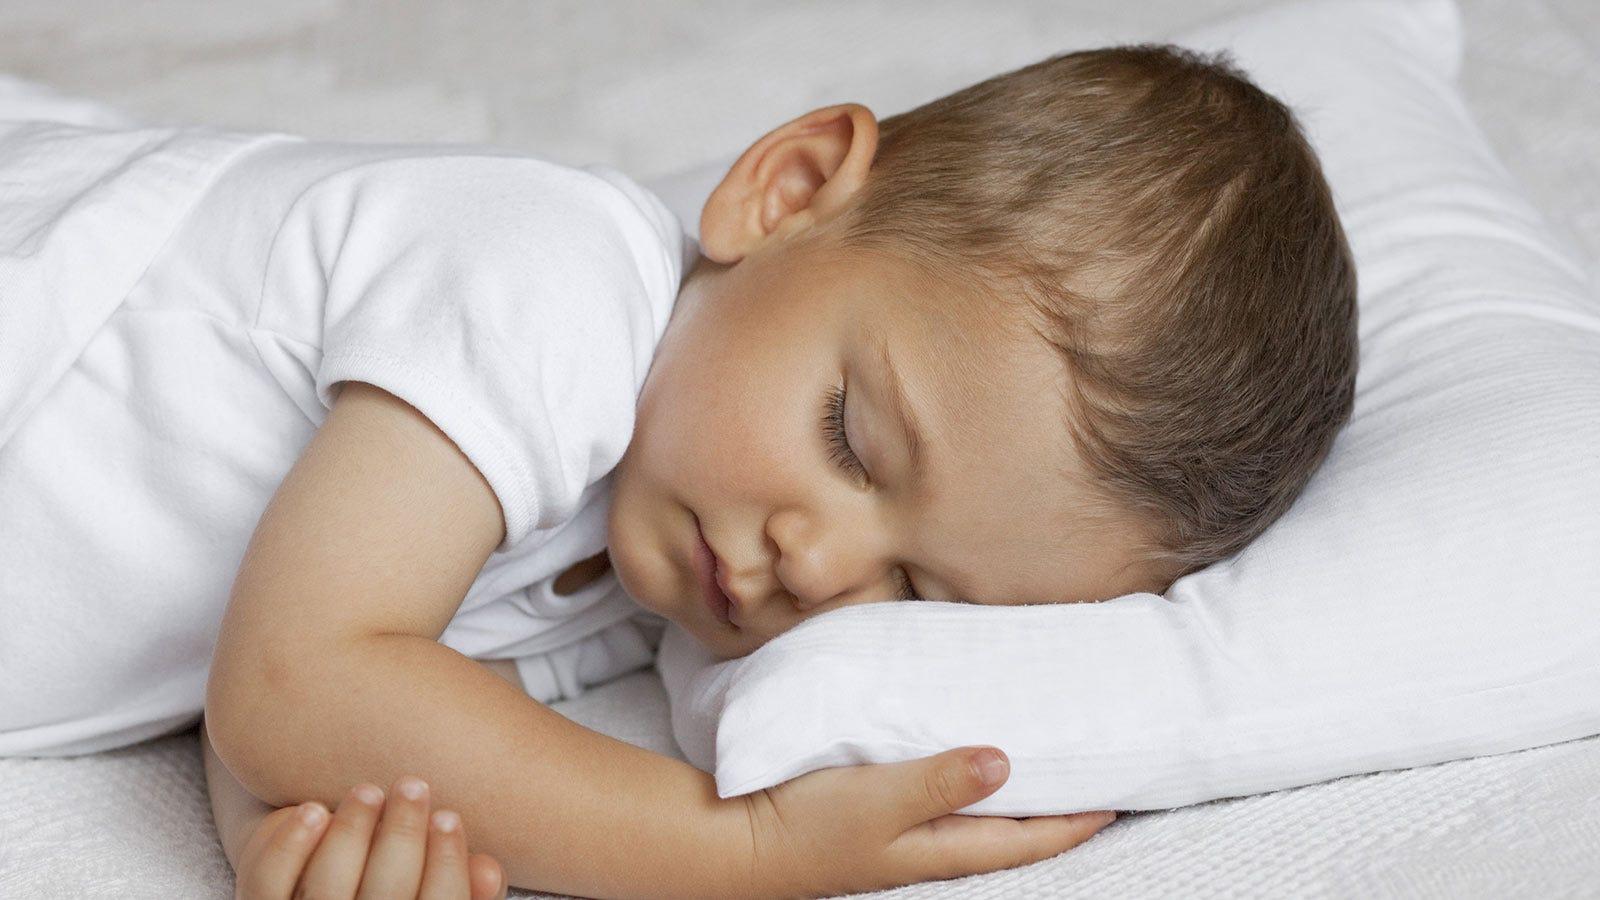 A toddler asleep on a pillow.